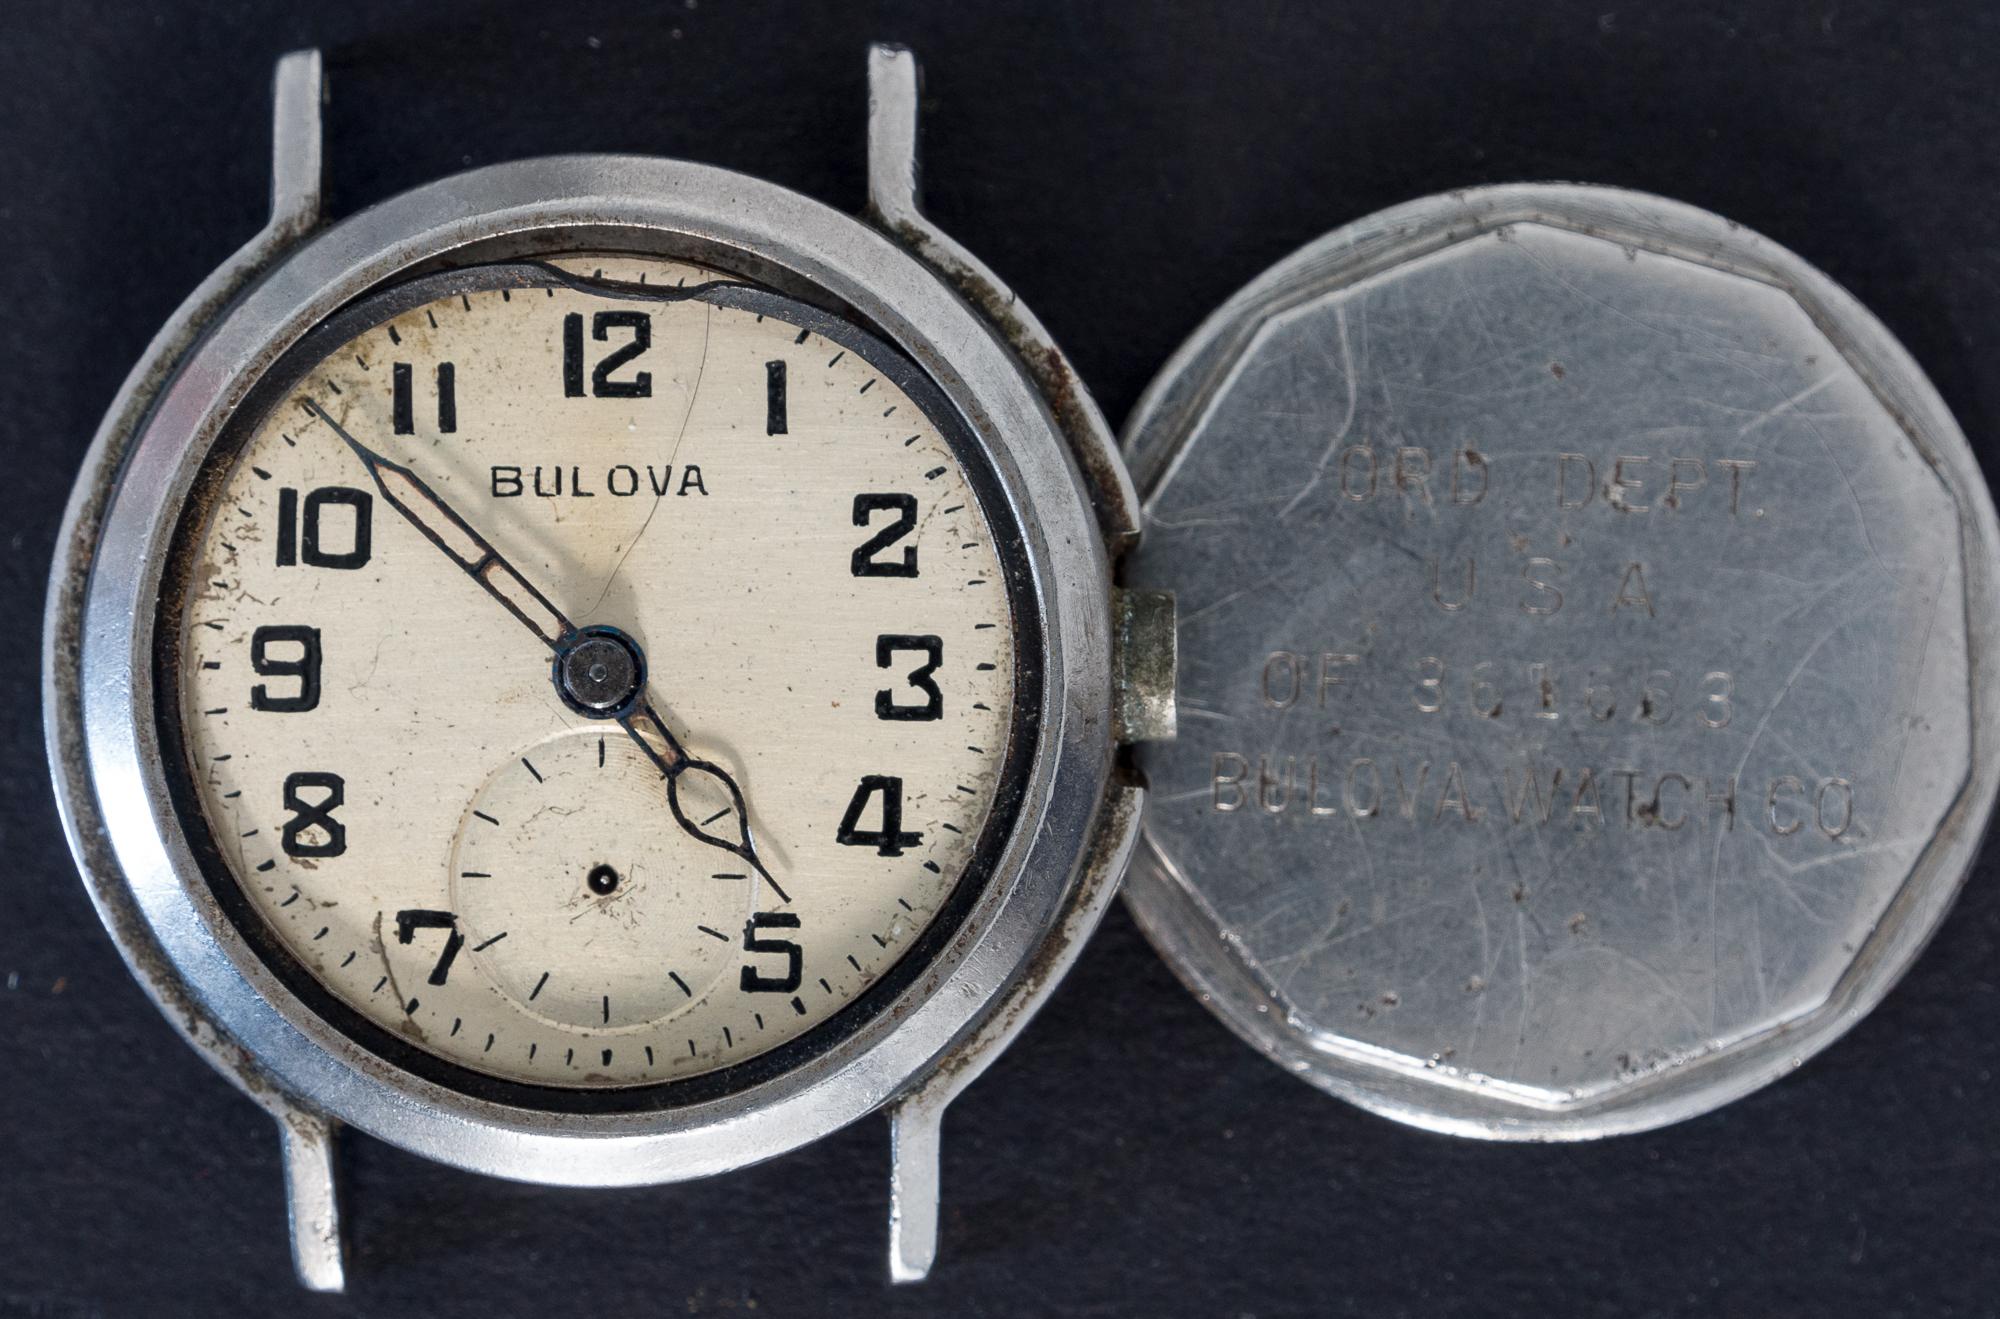 Bulova_1123_viet_4060026